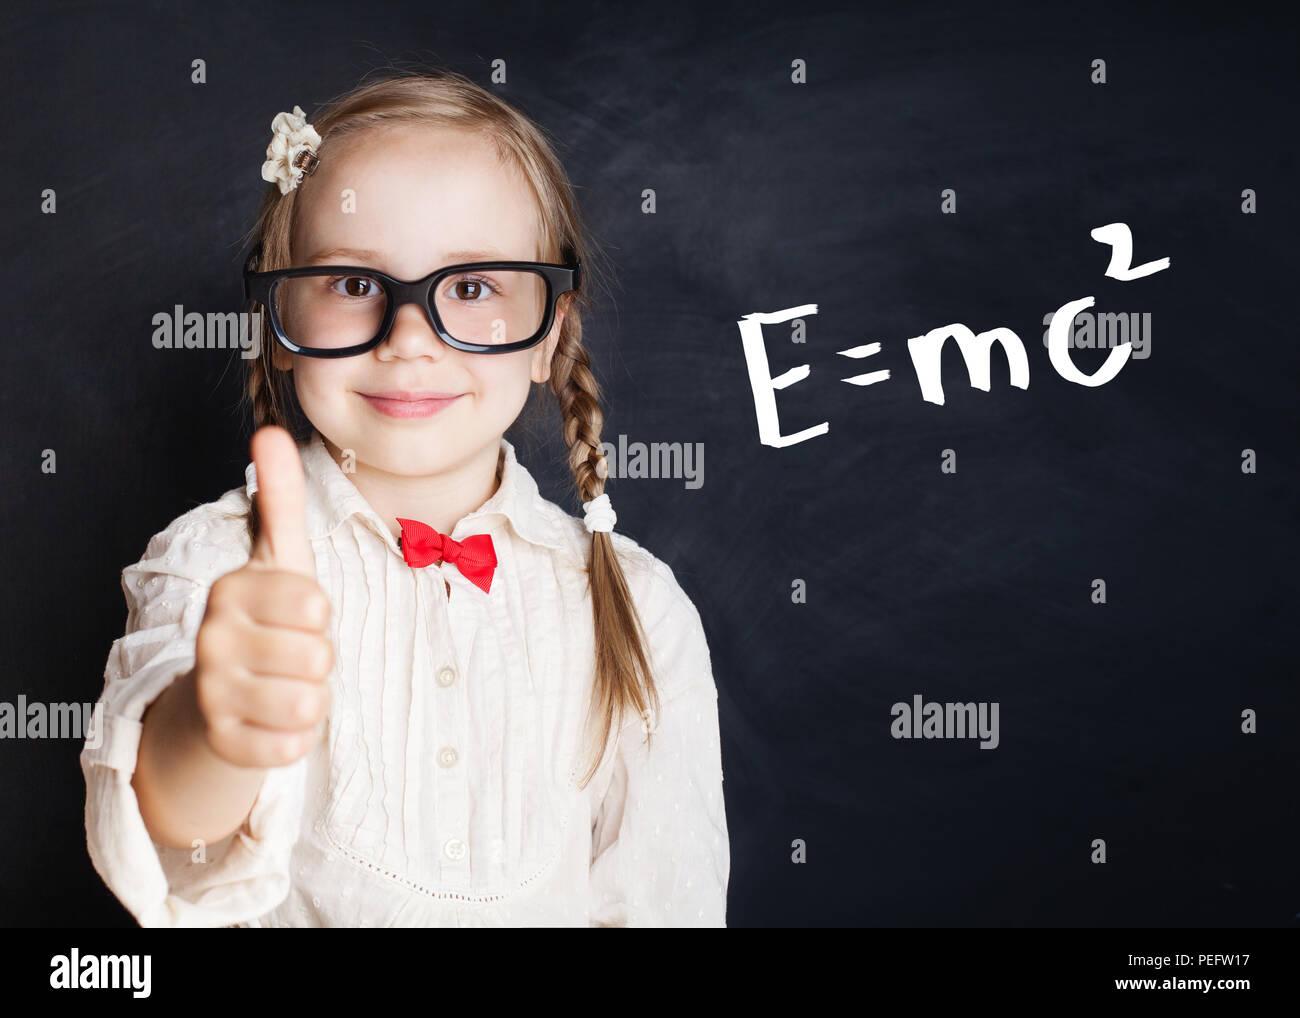 Little Genius ritratto. Bambini Educazione matematica del concetto. Bambina con il pollice fino a portata di mano disegni matematica scienze formula pattern Immagini Stock